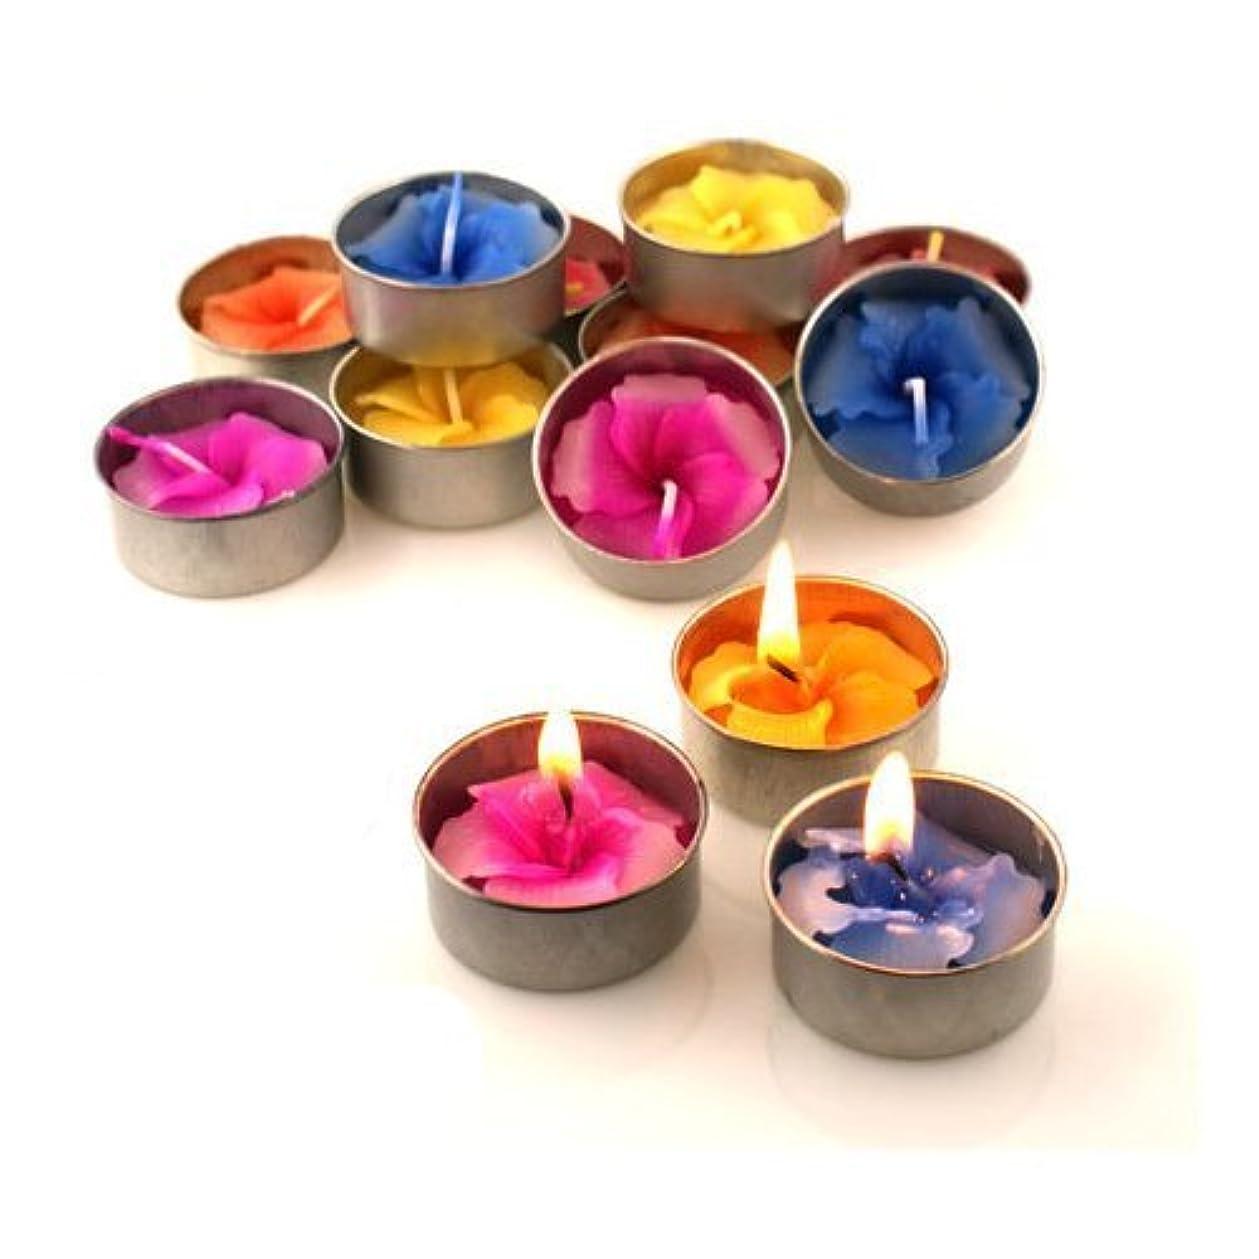 炎上悲しむ地雷原Relax Spa Shop @ Hibiscus Candle in Tea Lights , Floating Candles, Scented Tea Lights ,Aromatherapy Relax, Decorative...